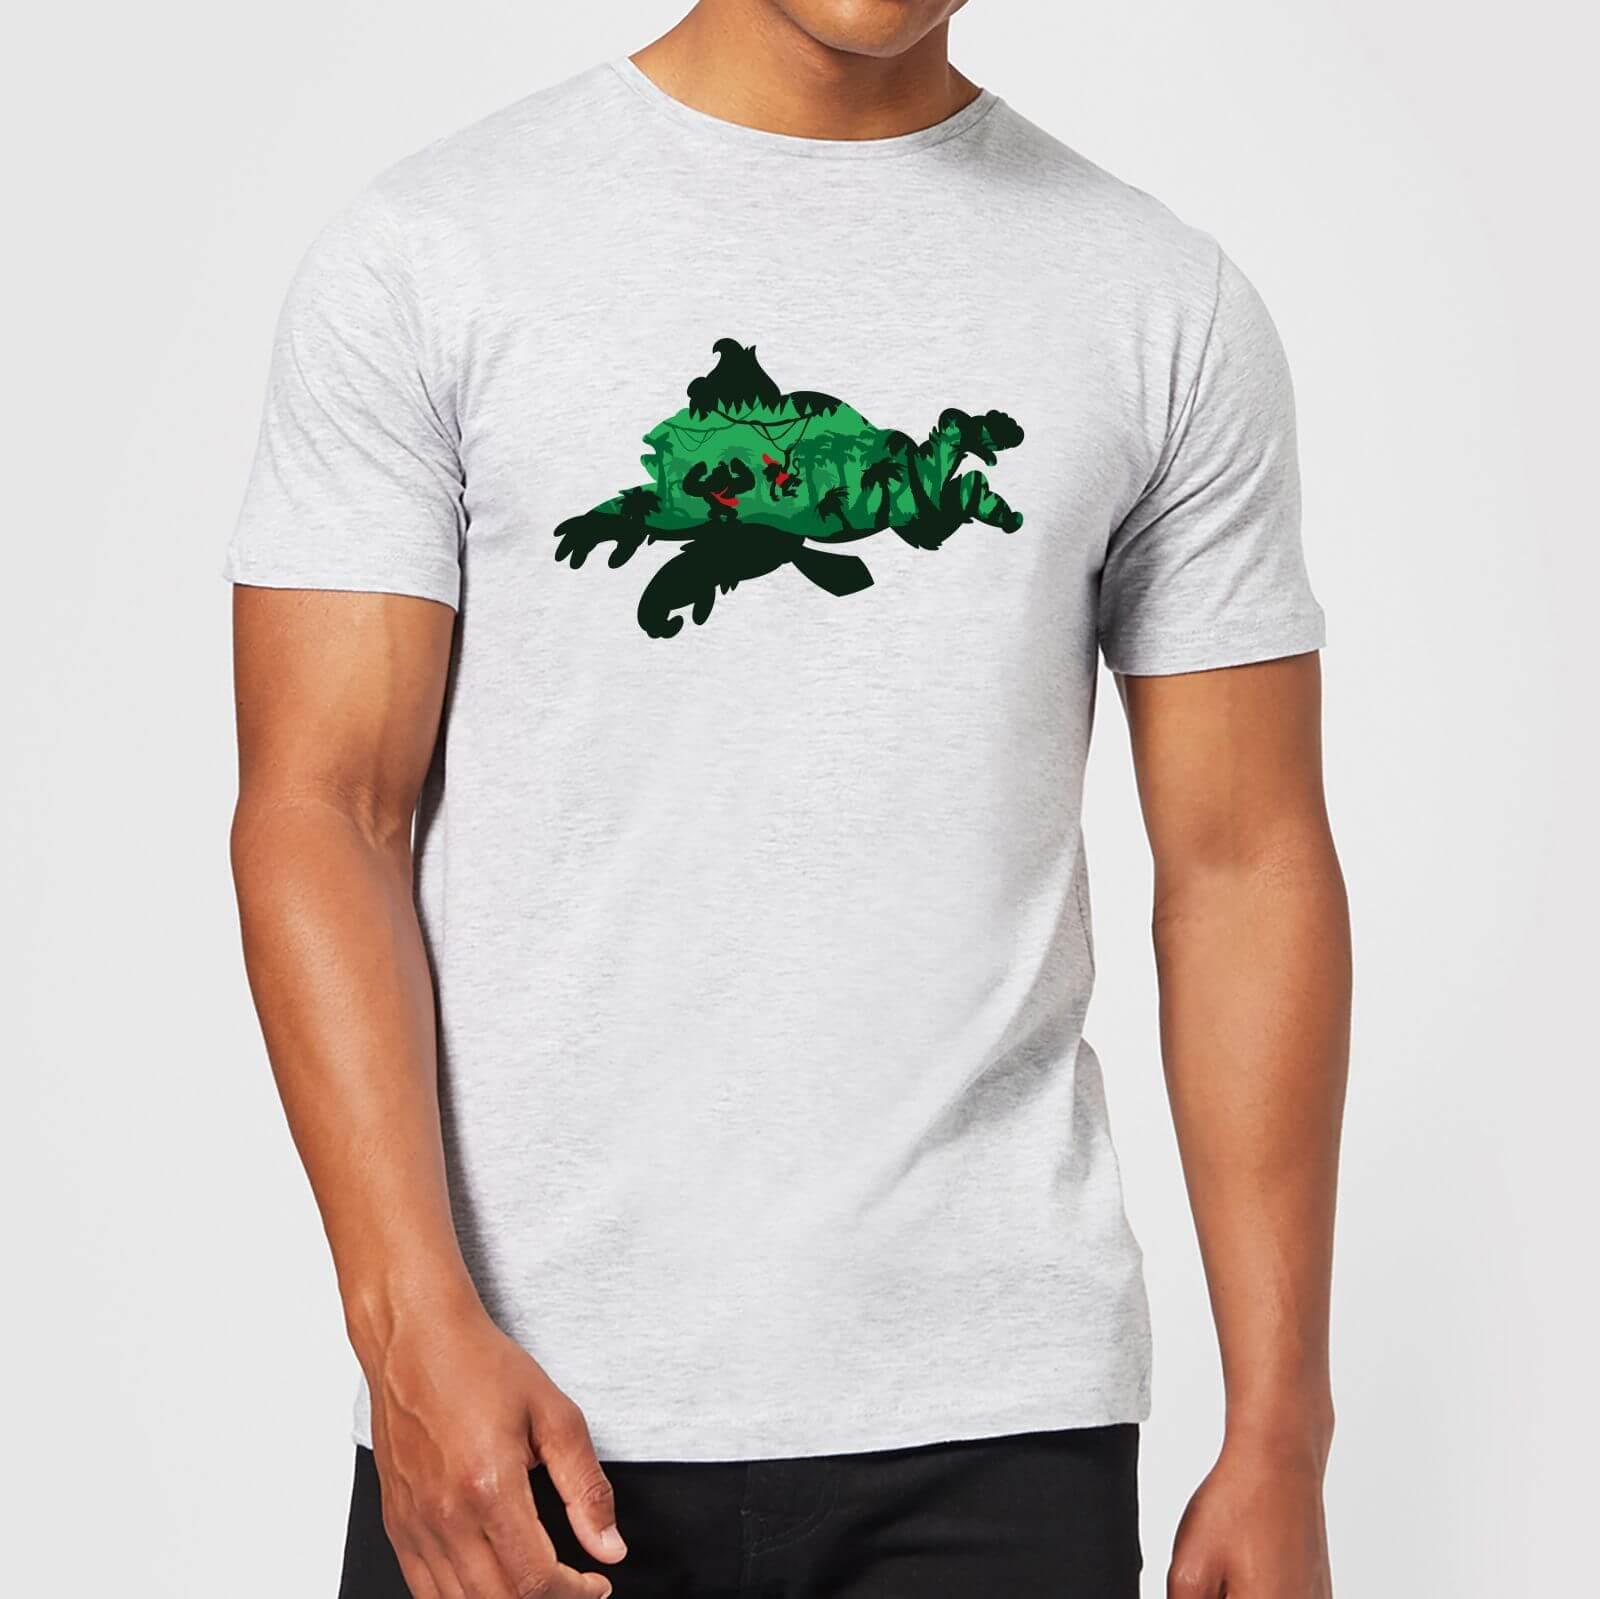 Nintendo® Donkey Kong Silhouette T-Shirt - Grau - XXL - Hellgrau